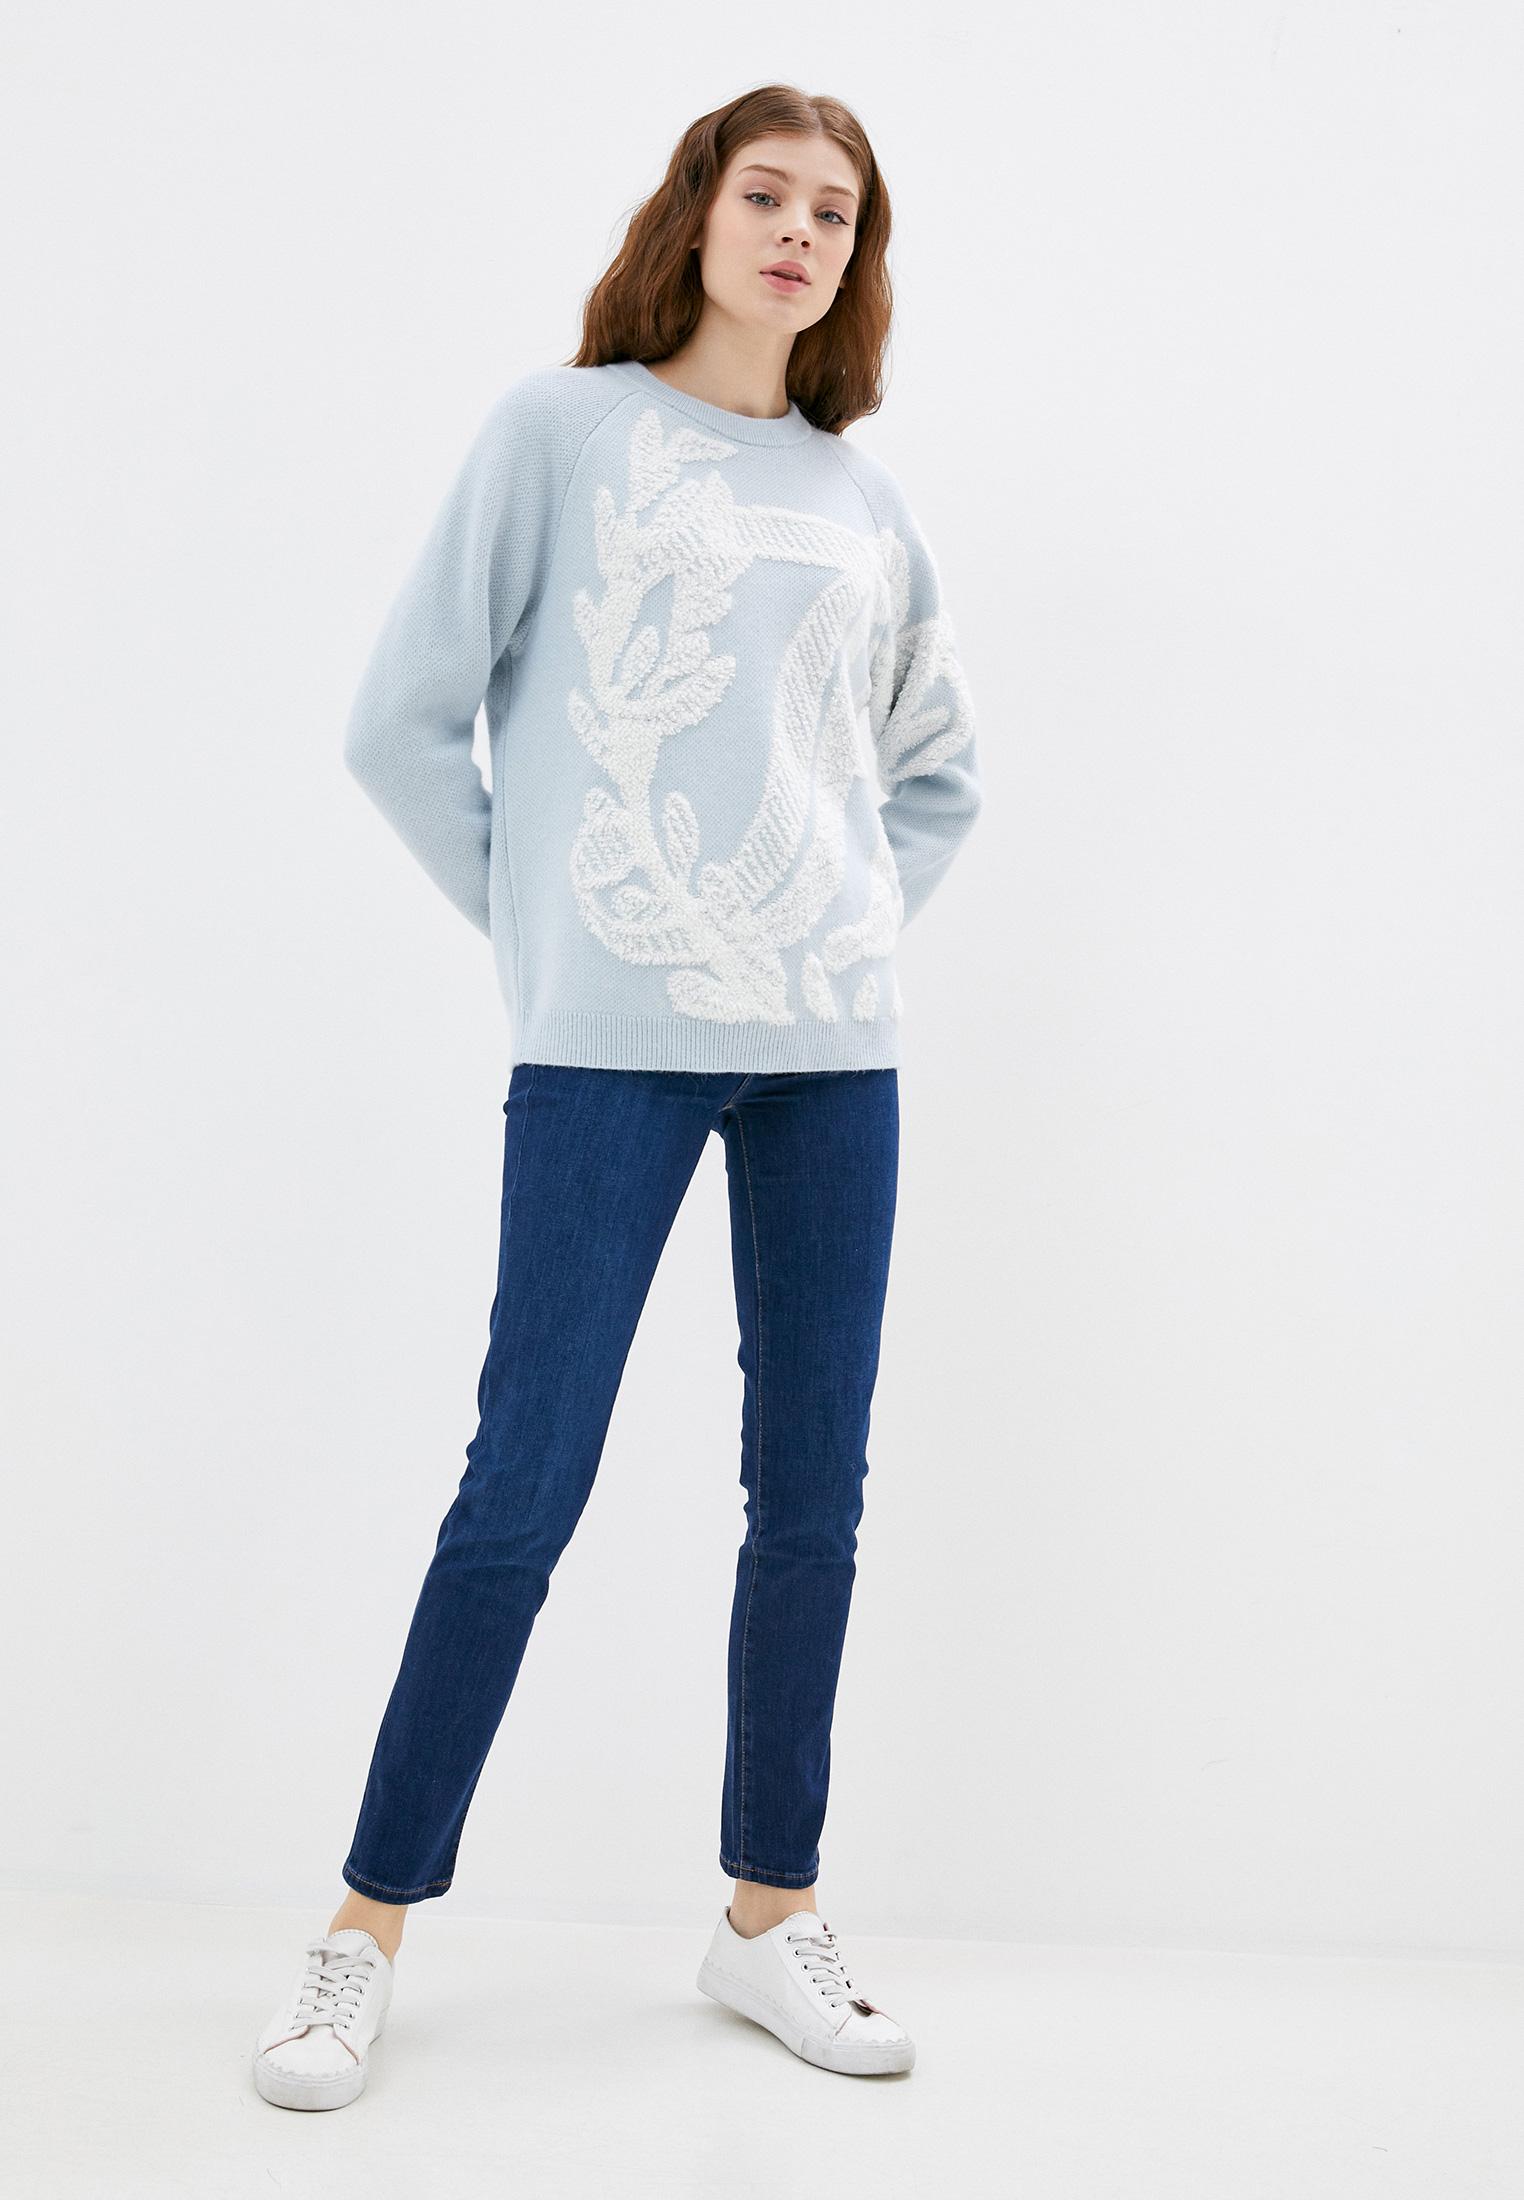 Зауженные джинсы Tommy Hilfiger (Томми Хилфигер) WW0WW28829: изображение 2